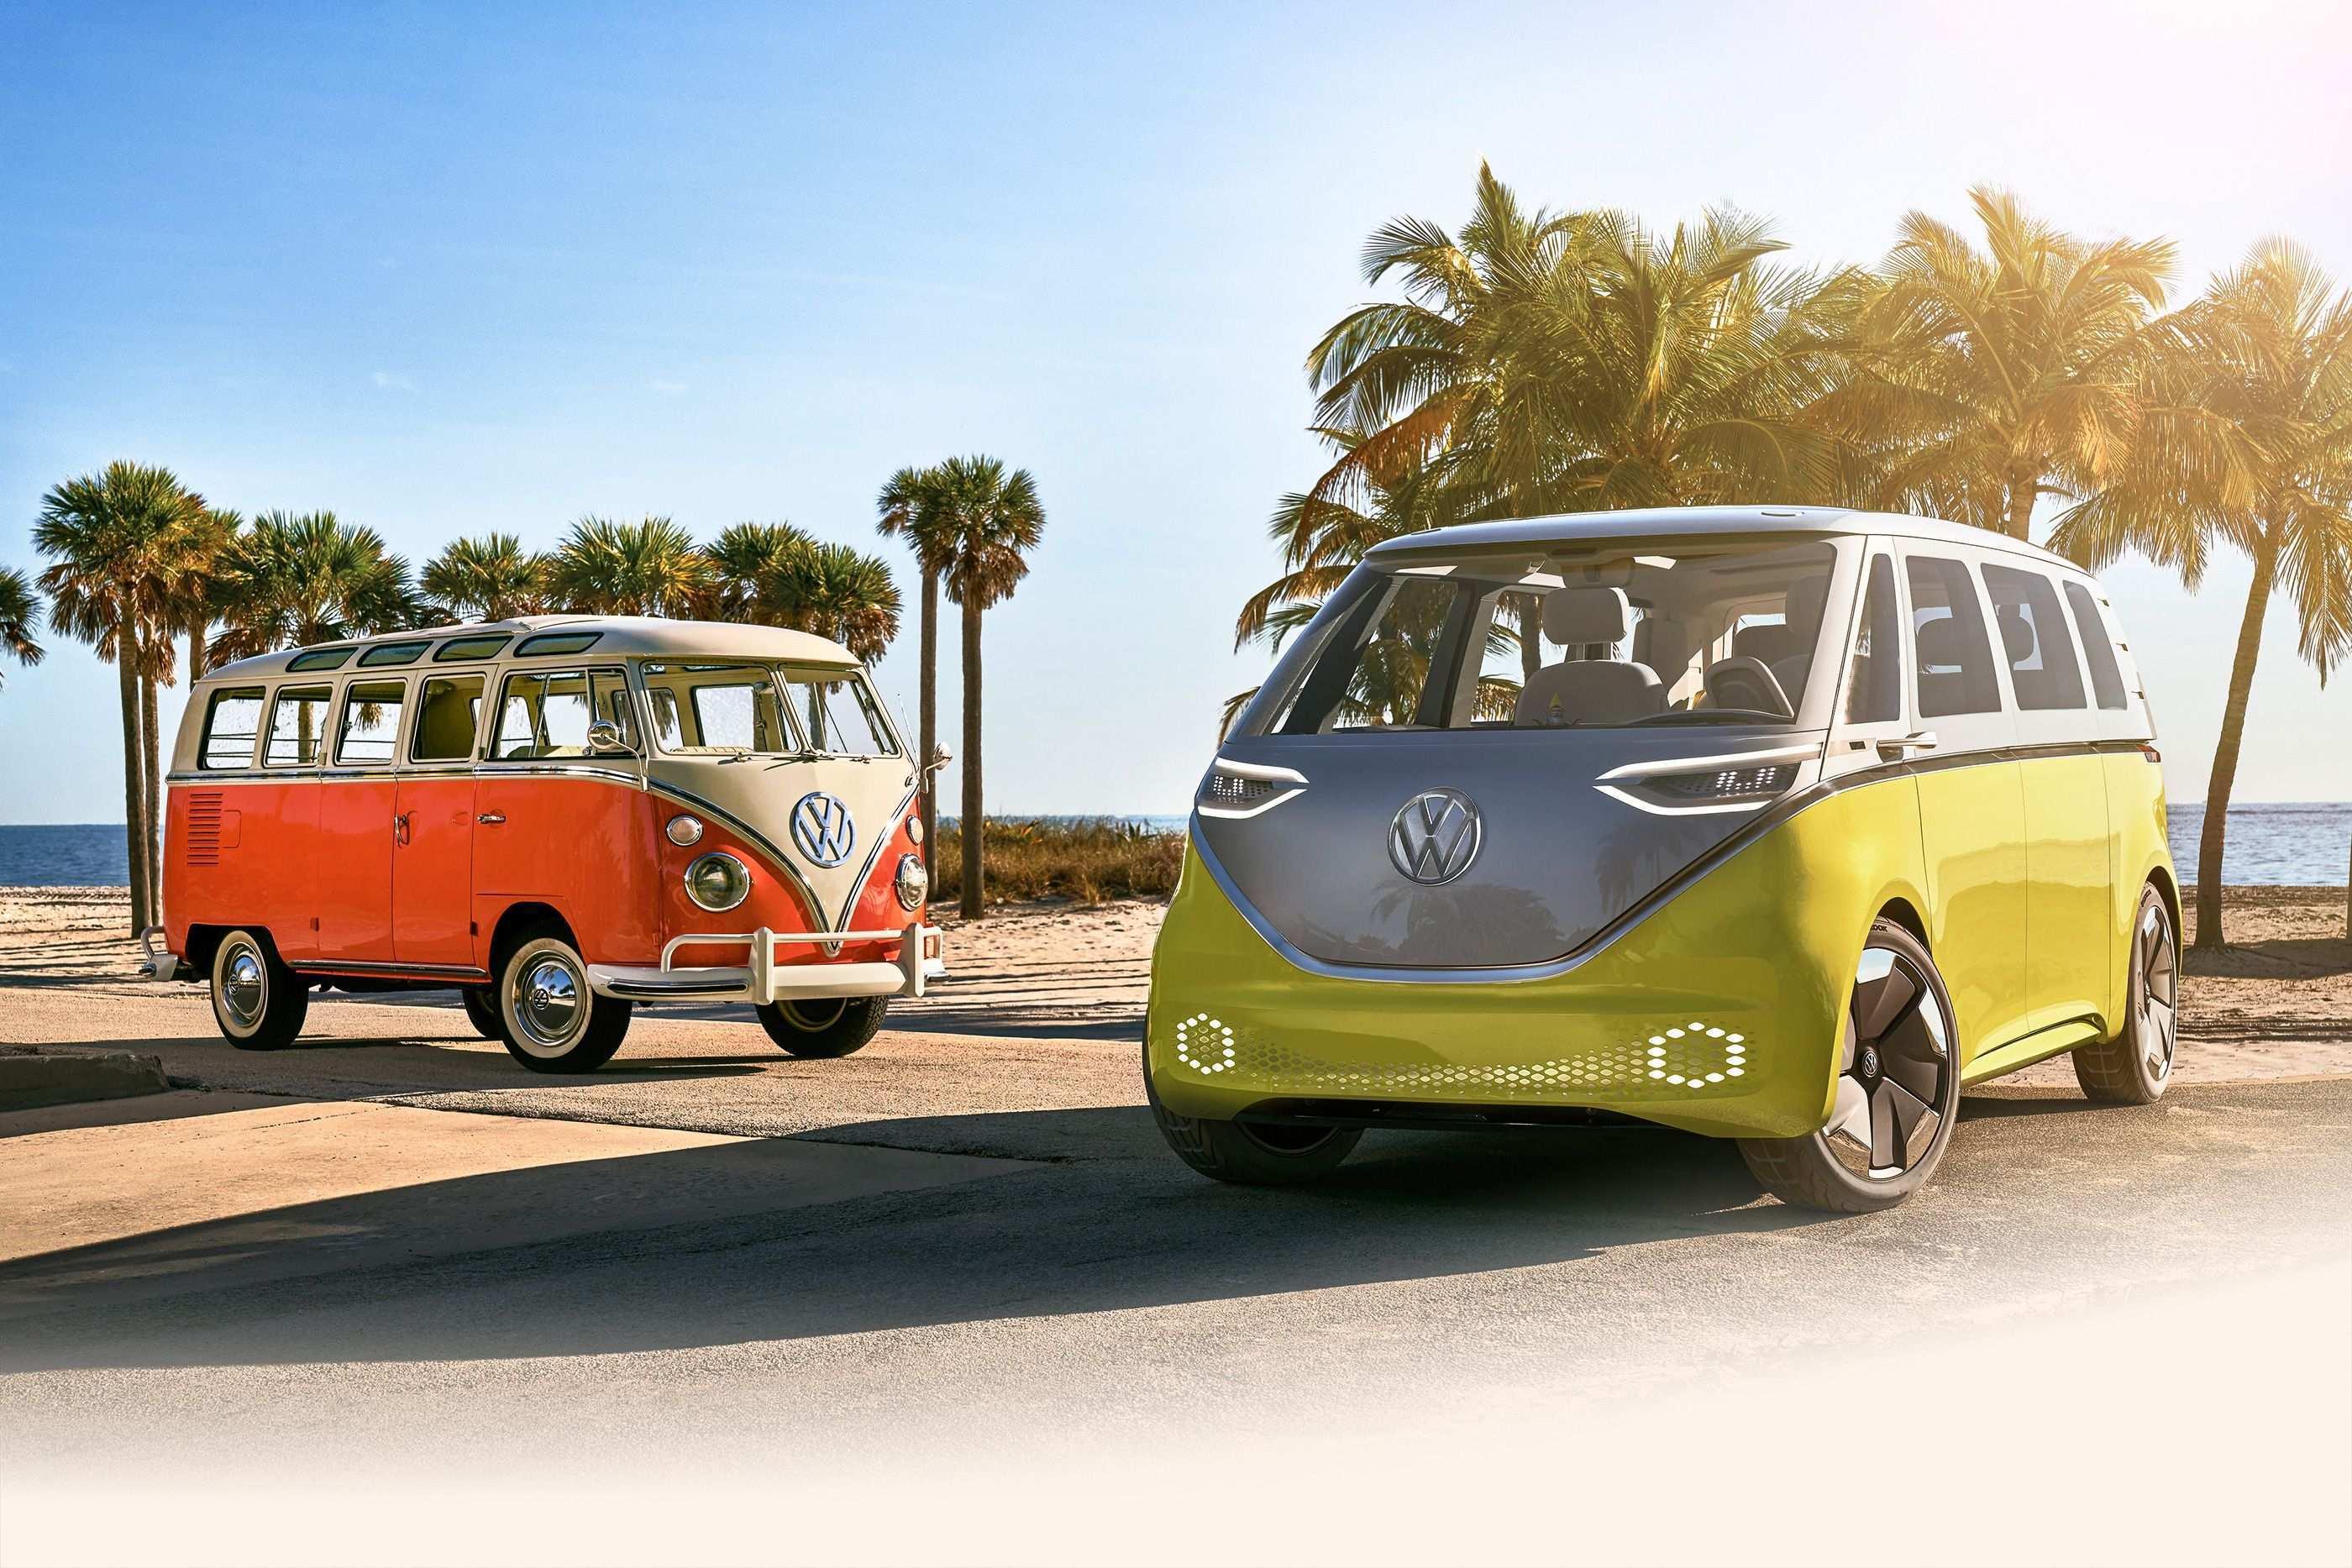 25 Gallery of Volkswagen Minivan 2020 Redesign and Concept by Volkswagen Minivan 2020